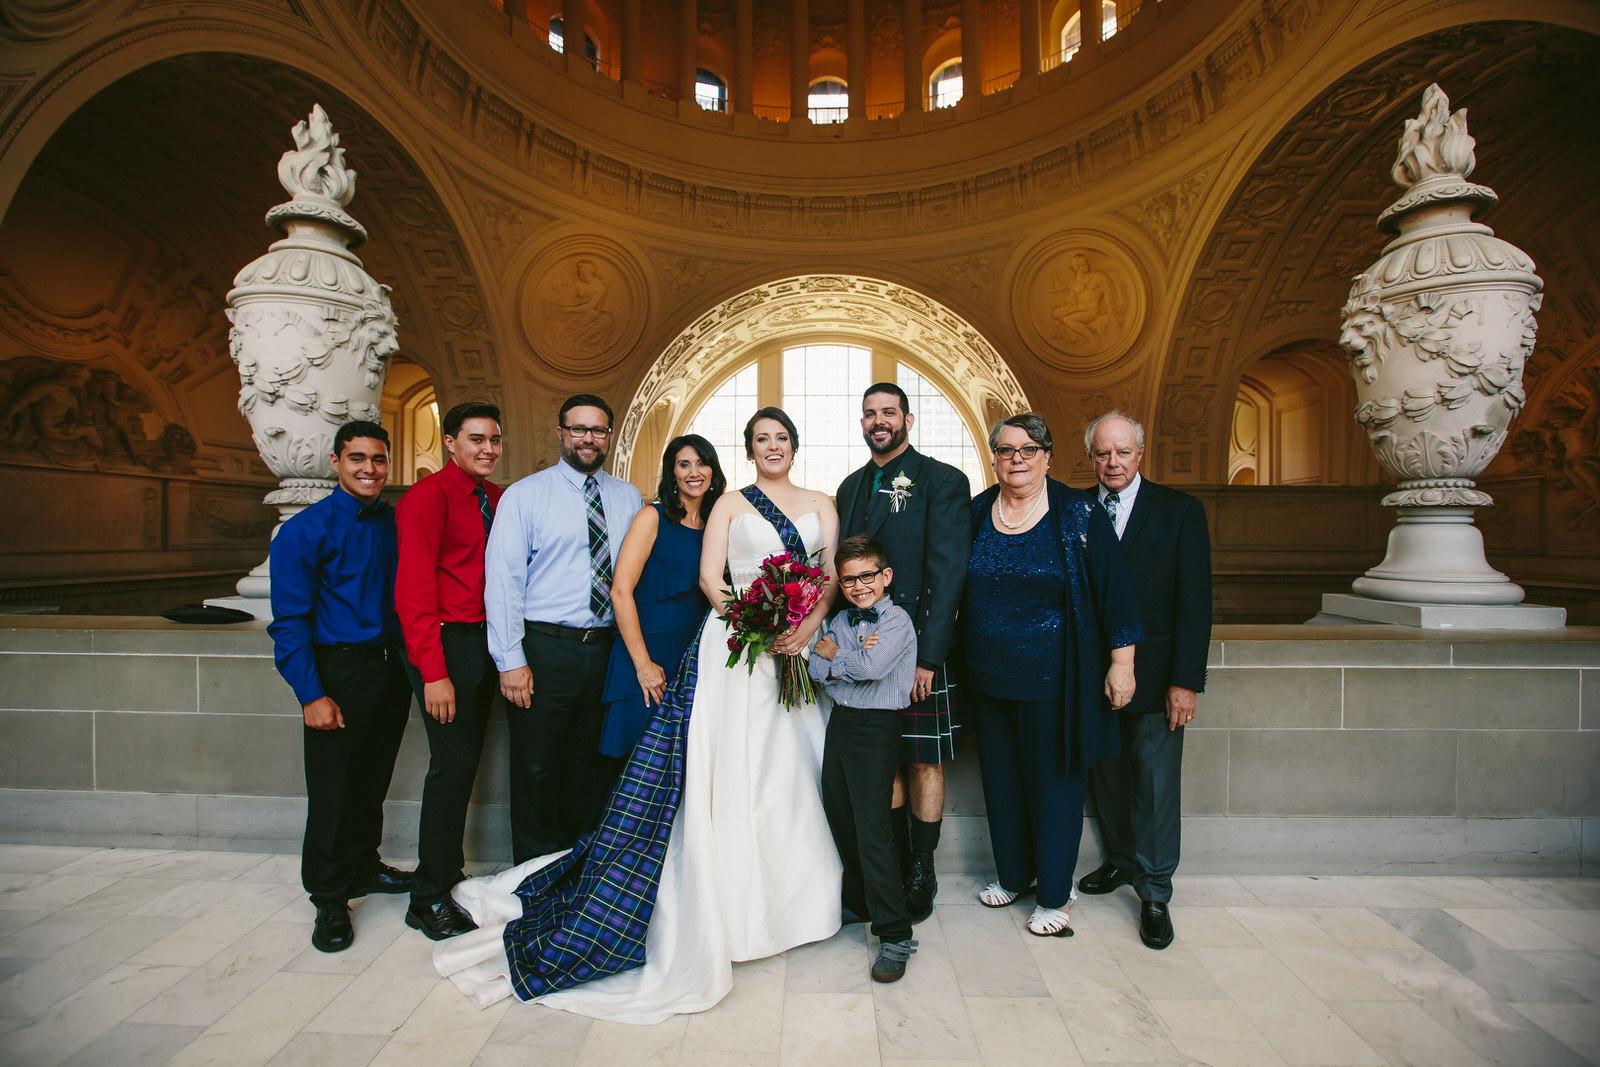 family_formals_san_francisco_city_hall_wedding_tiny_house_photo.jpg